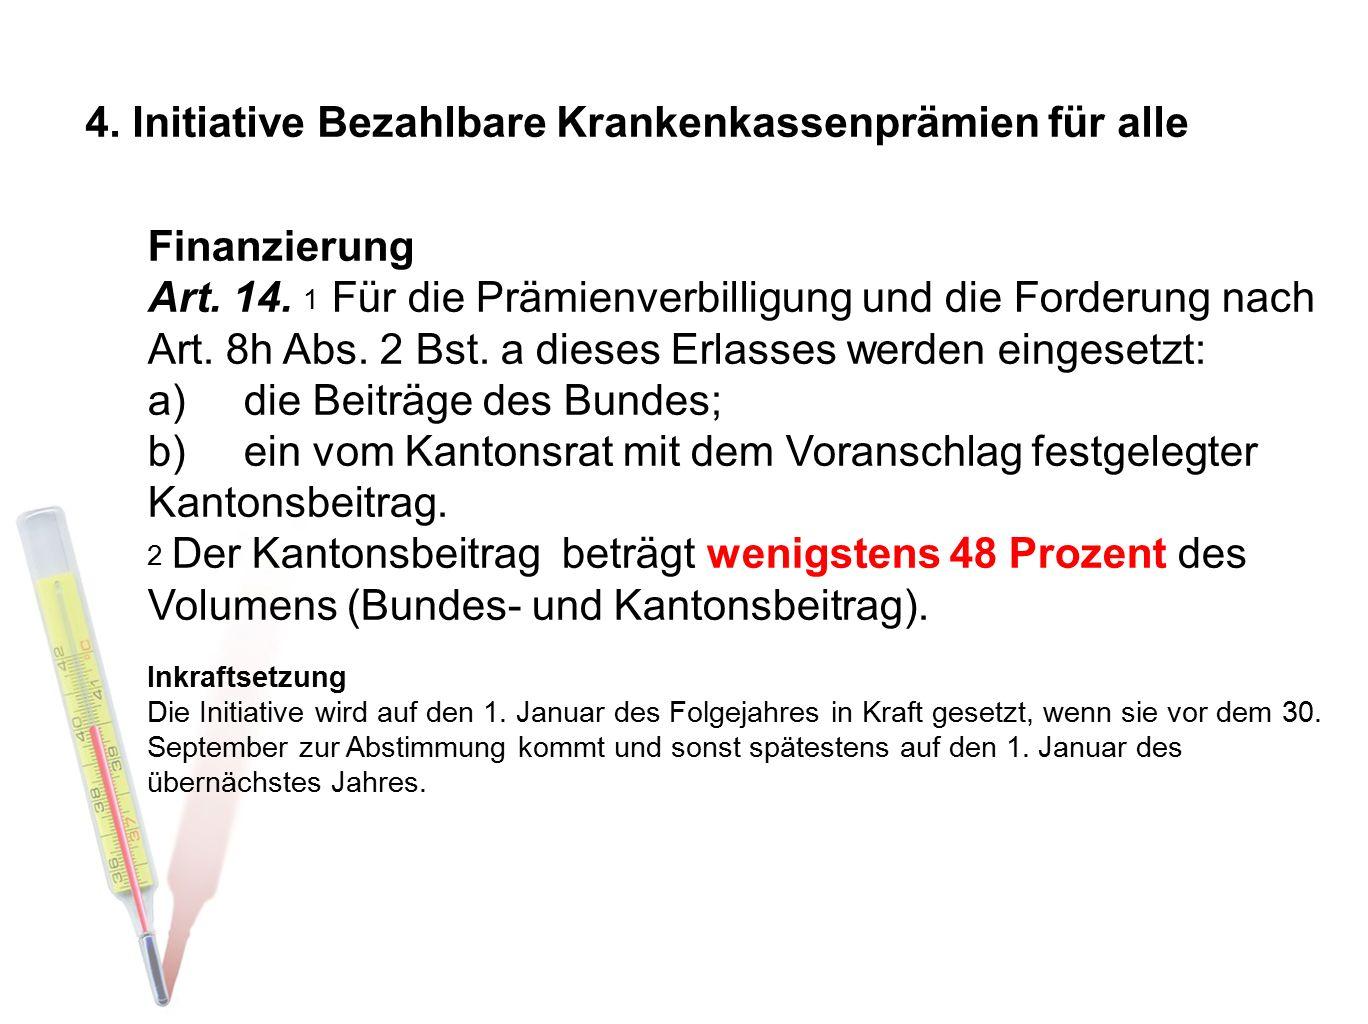 Finanzierung Art. 14. 1 Für die Prämienverbilligung und die Forderung nach Art. 8h Abs. 2 Bst. a dieses Erlasses werden eingesetzt: a)die Beiträge des